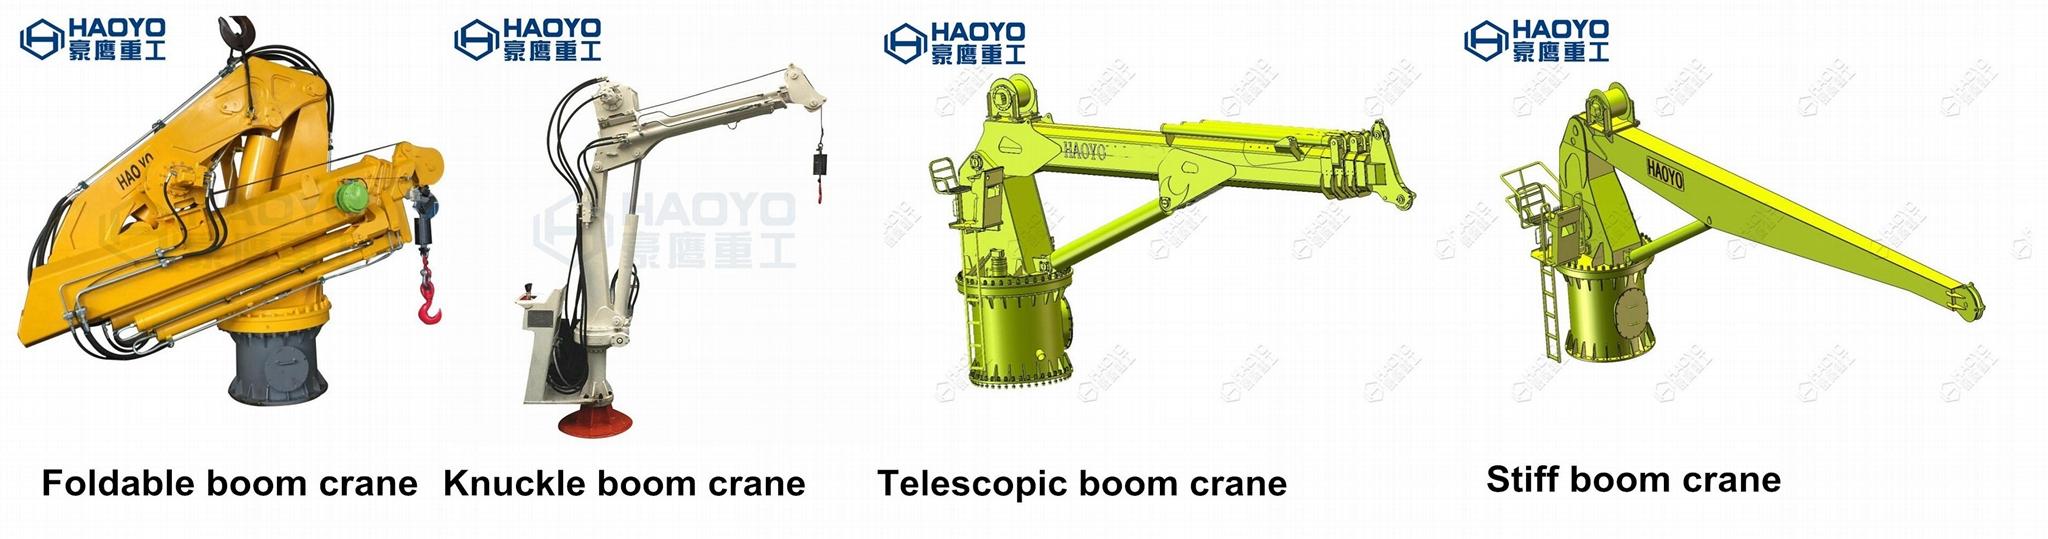 伸縮折臂吊機設計銷售 6